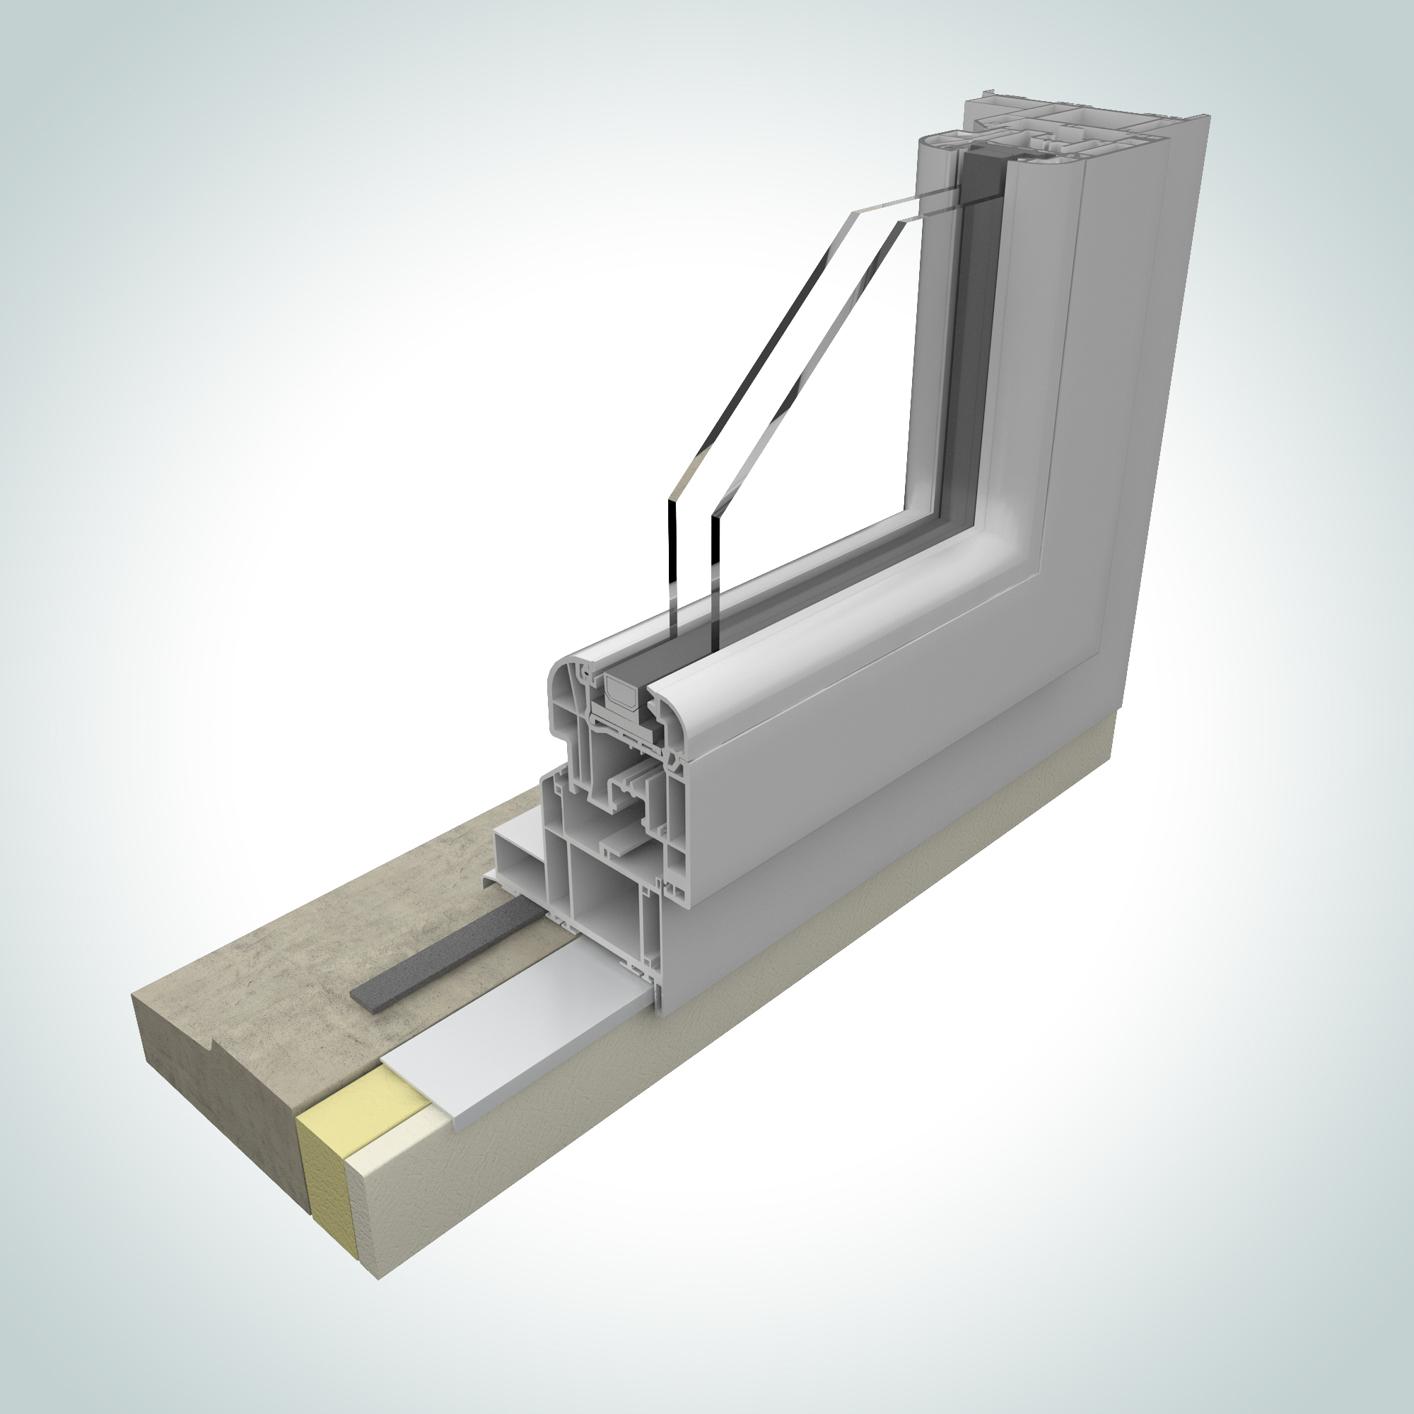 Dripmoon-archvis-graphiste3D-design-produits-images-3D-modelisation-fenetres (3)